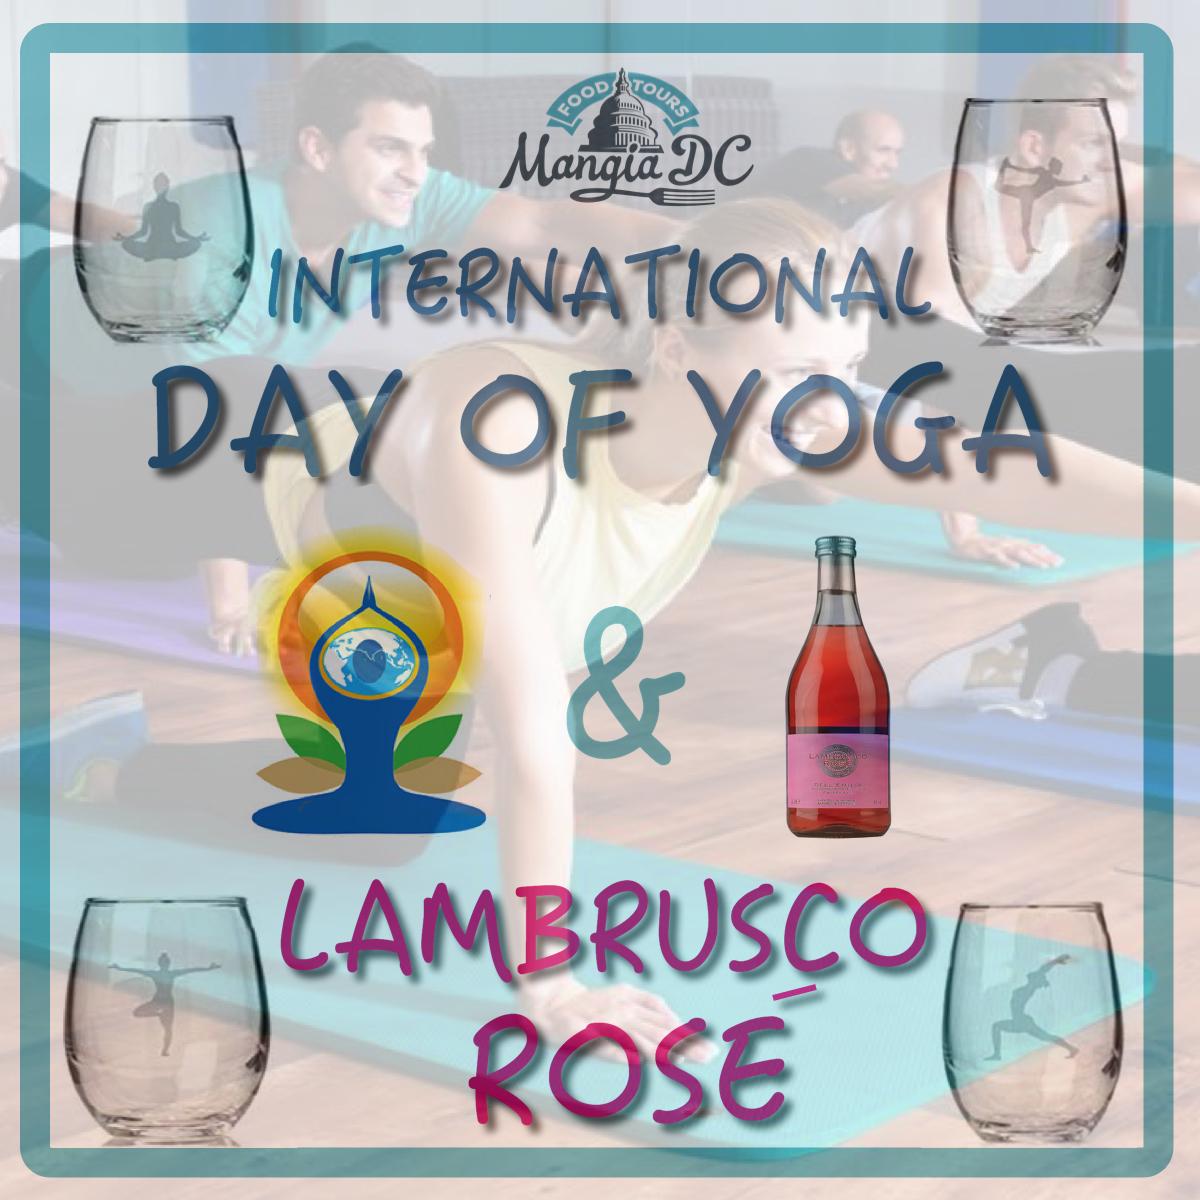 International yoga Day & Lambrusco ROse Instagram